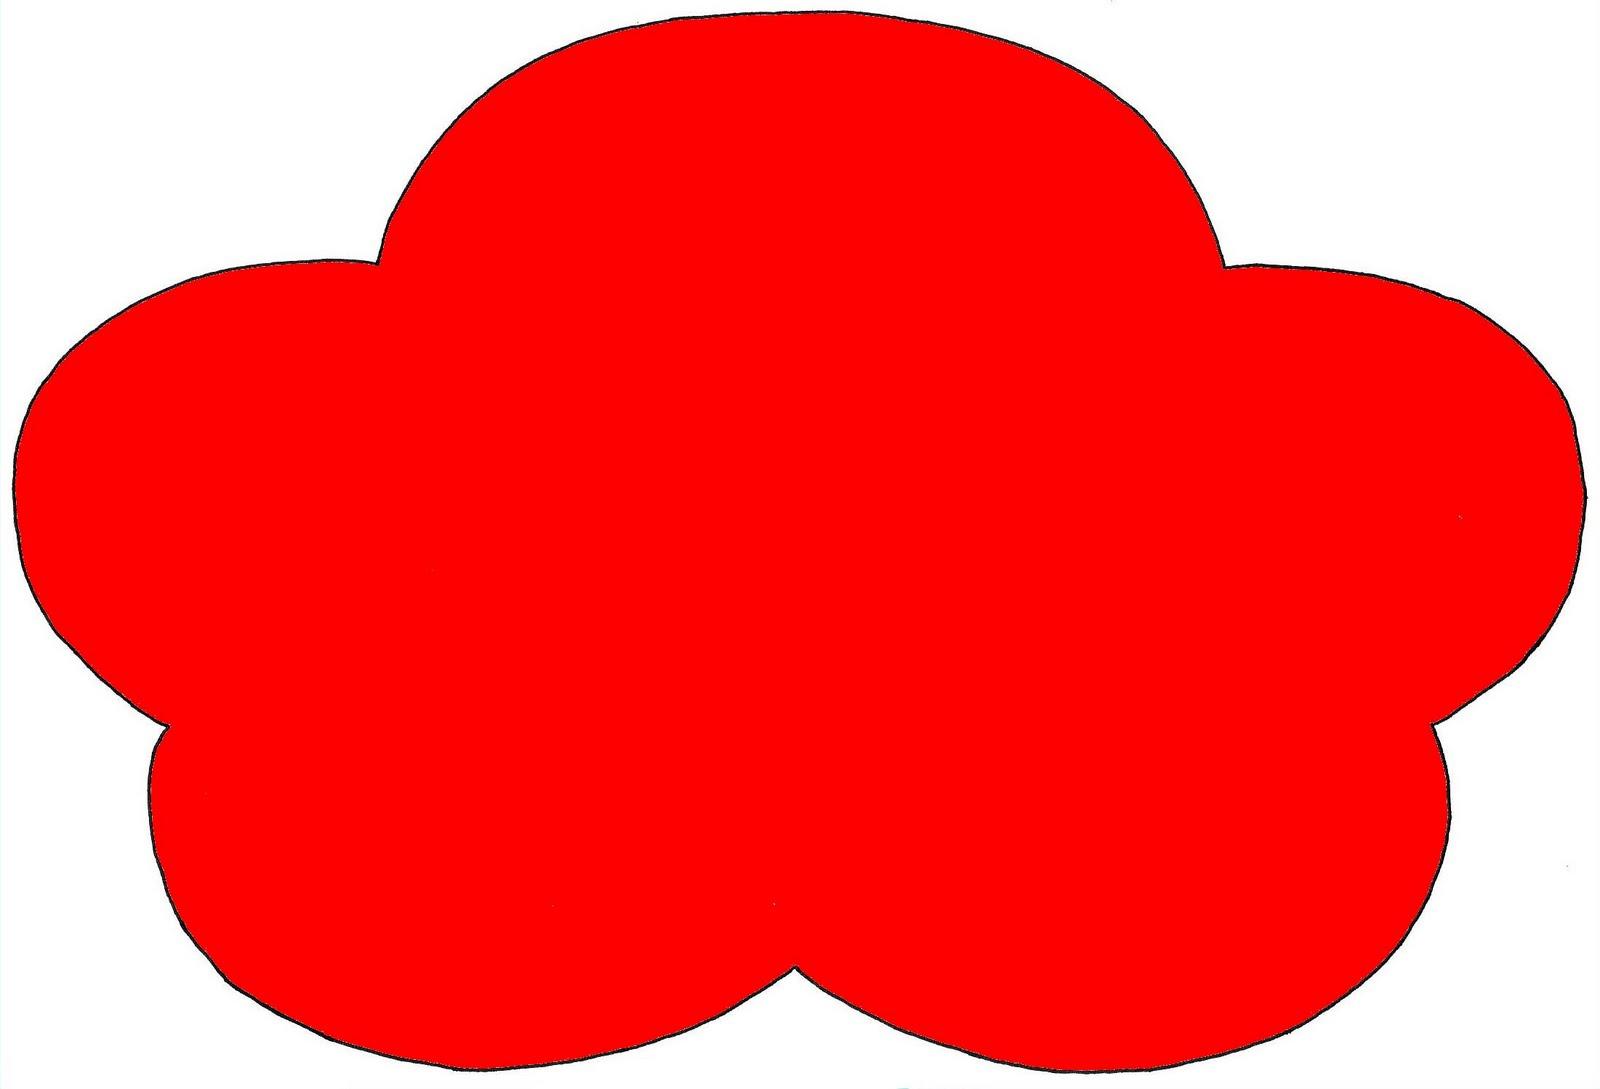 la couleur rouge on fait l  u00e9cole  u00e0 la maison Autographed Inscriptions Clip Art Prescription Clip Art